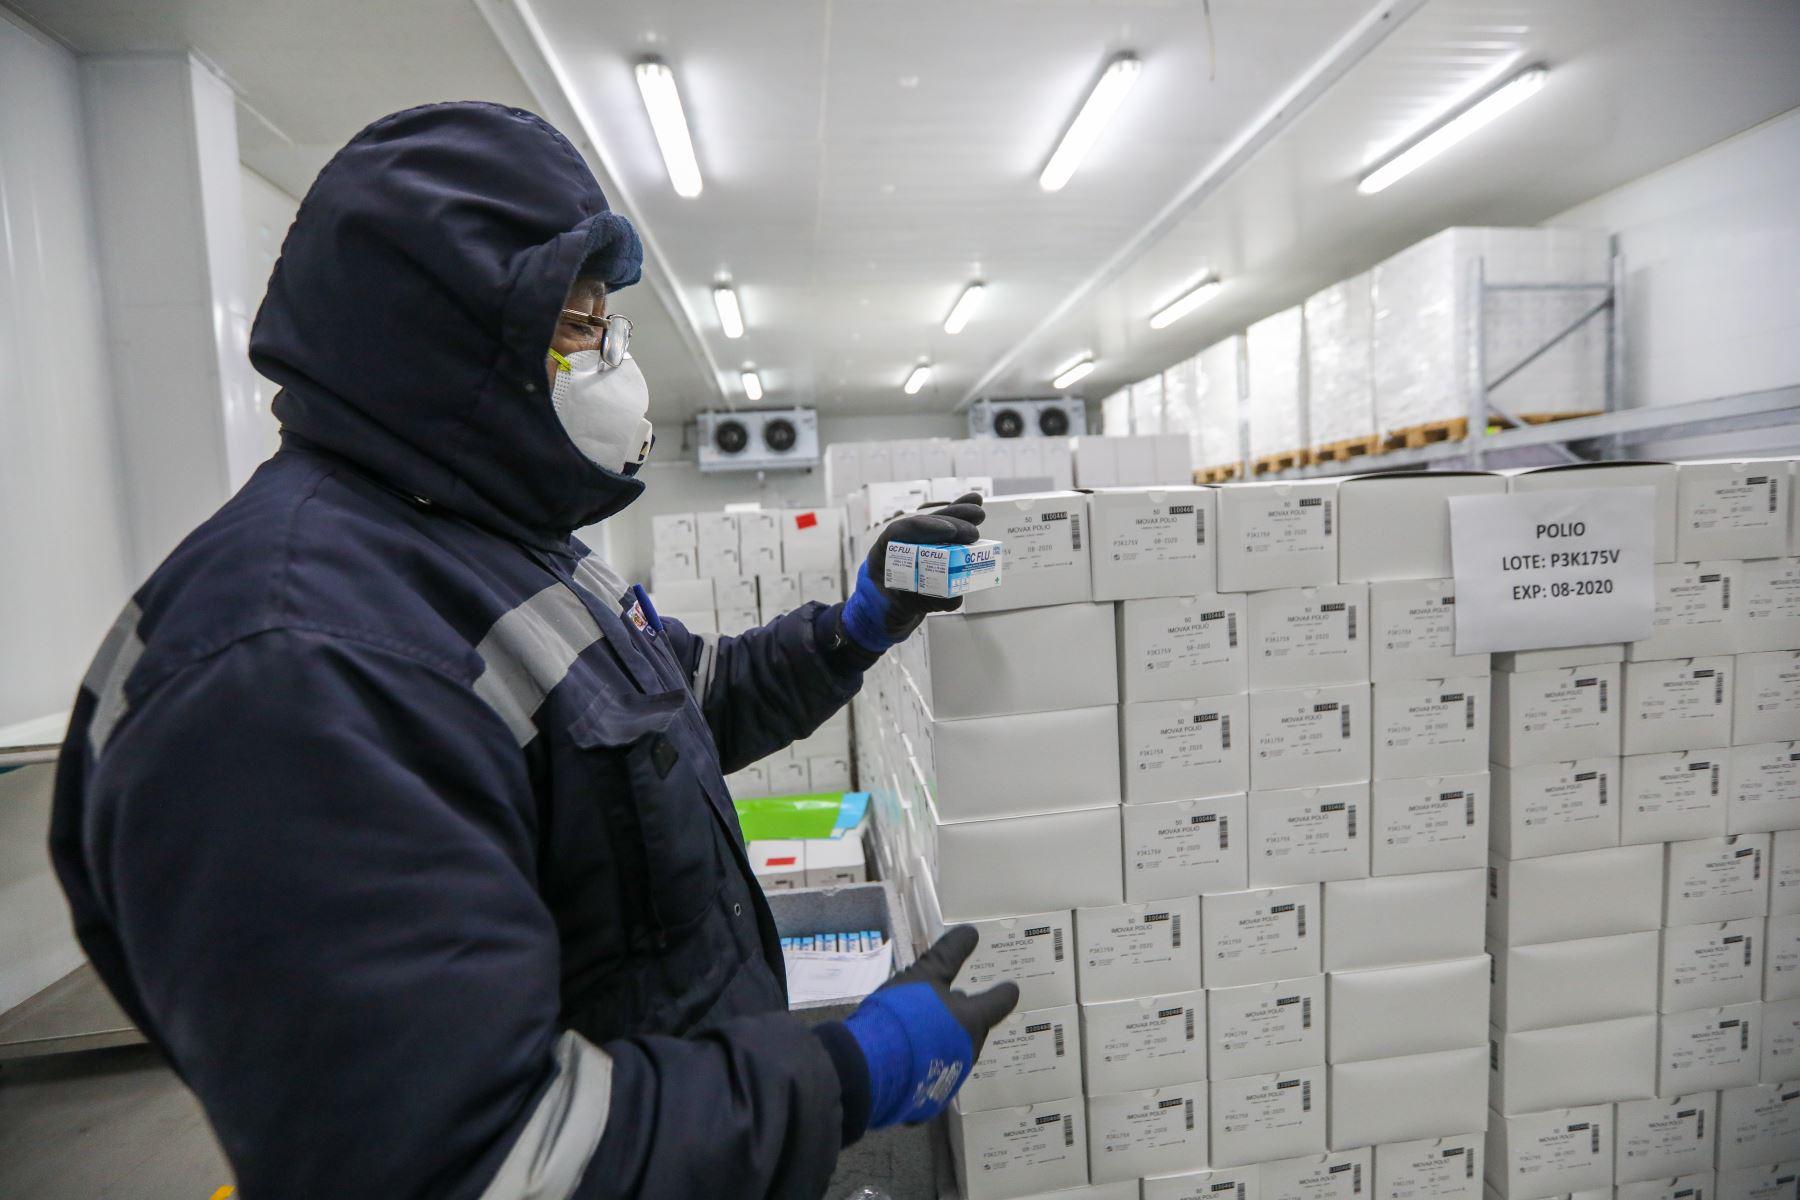 Ministerio de Salud distribuye más de dos millones de vacunas contra la Influenza como protección ante friaje y heladas. Foto: ANDINA/Minsa